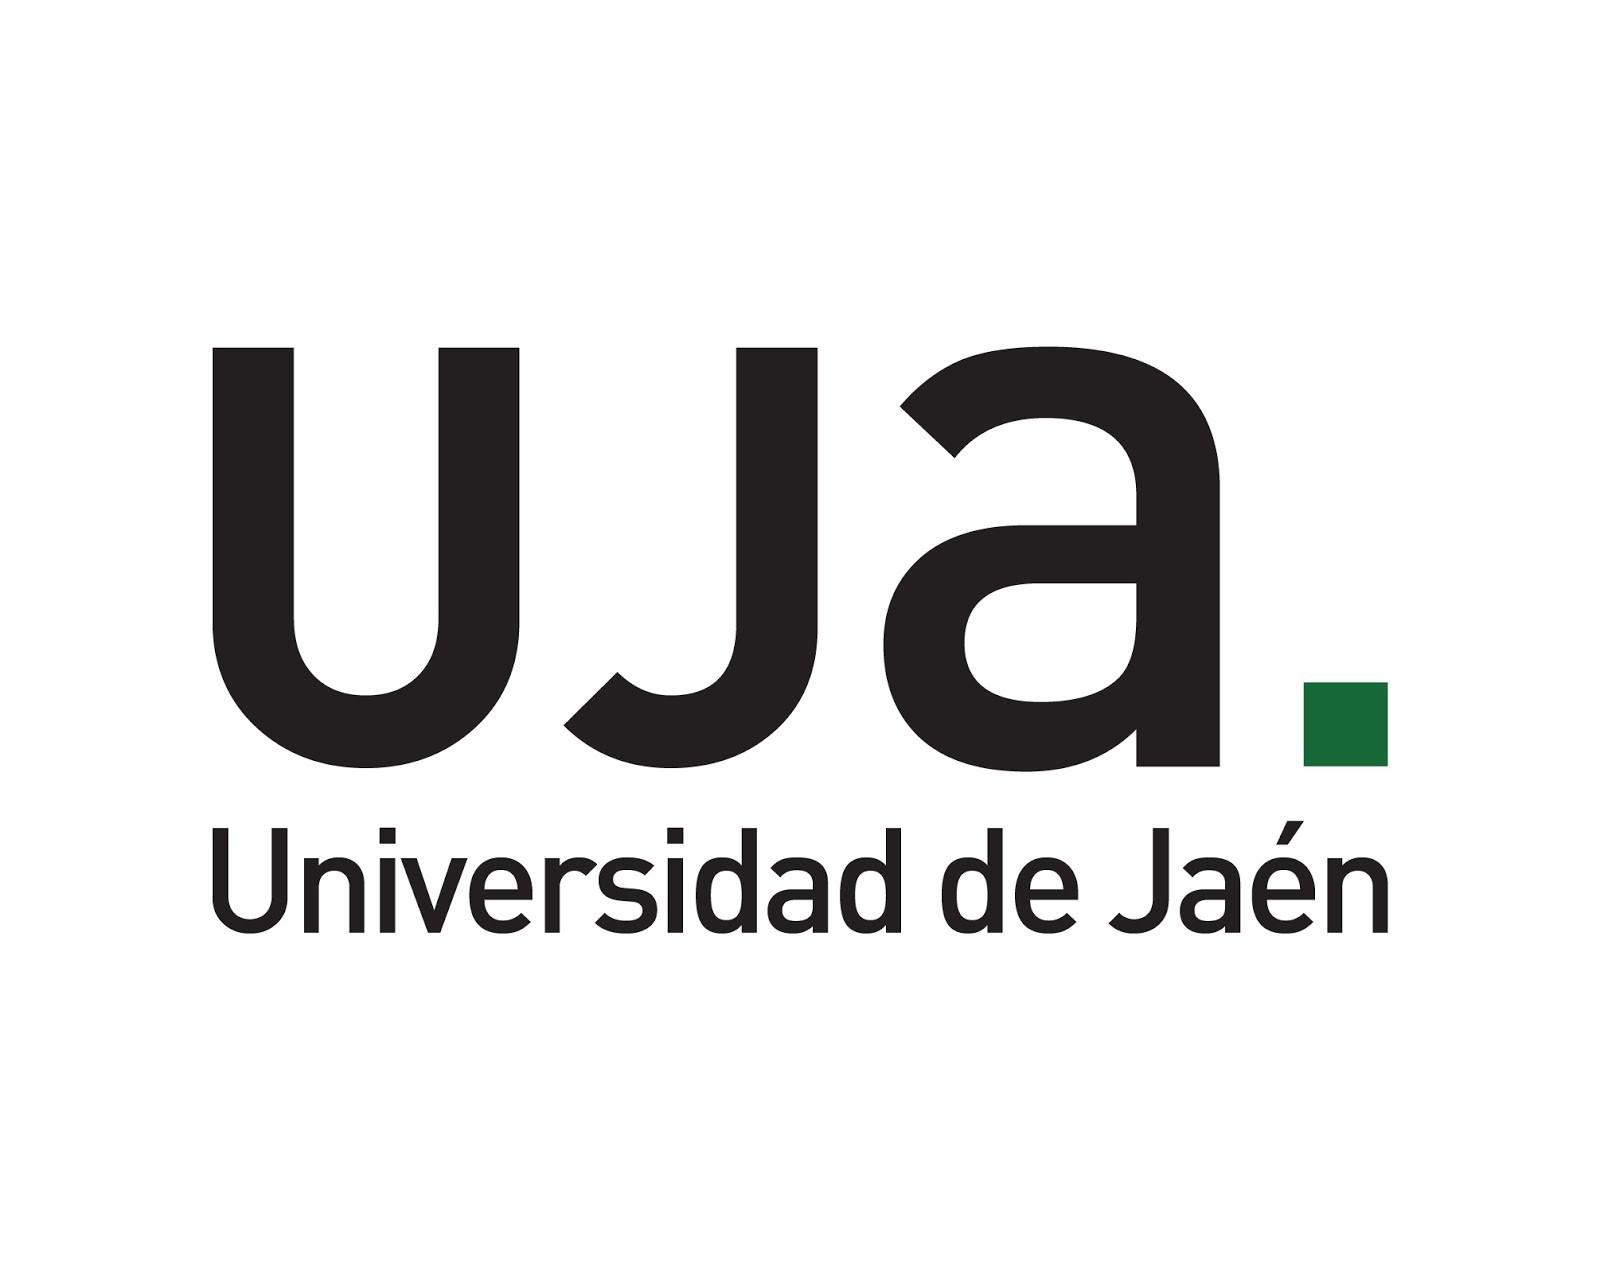 para la realizaci³n de estancias de estudio con pleno reconocimiento académico en dichas instituciones durante el curso académico 2019 2020